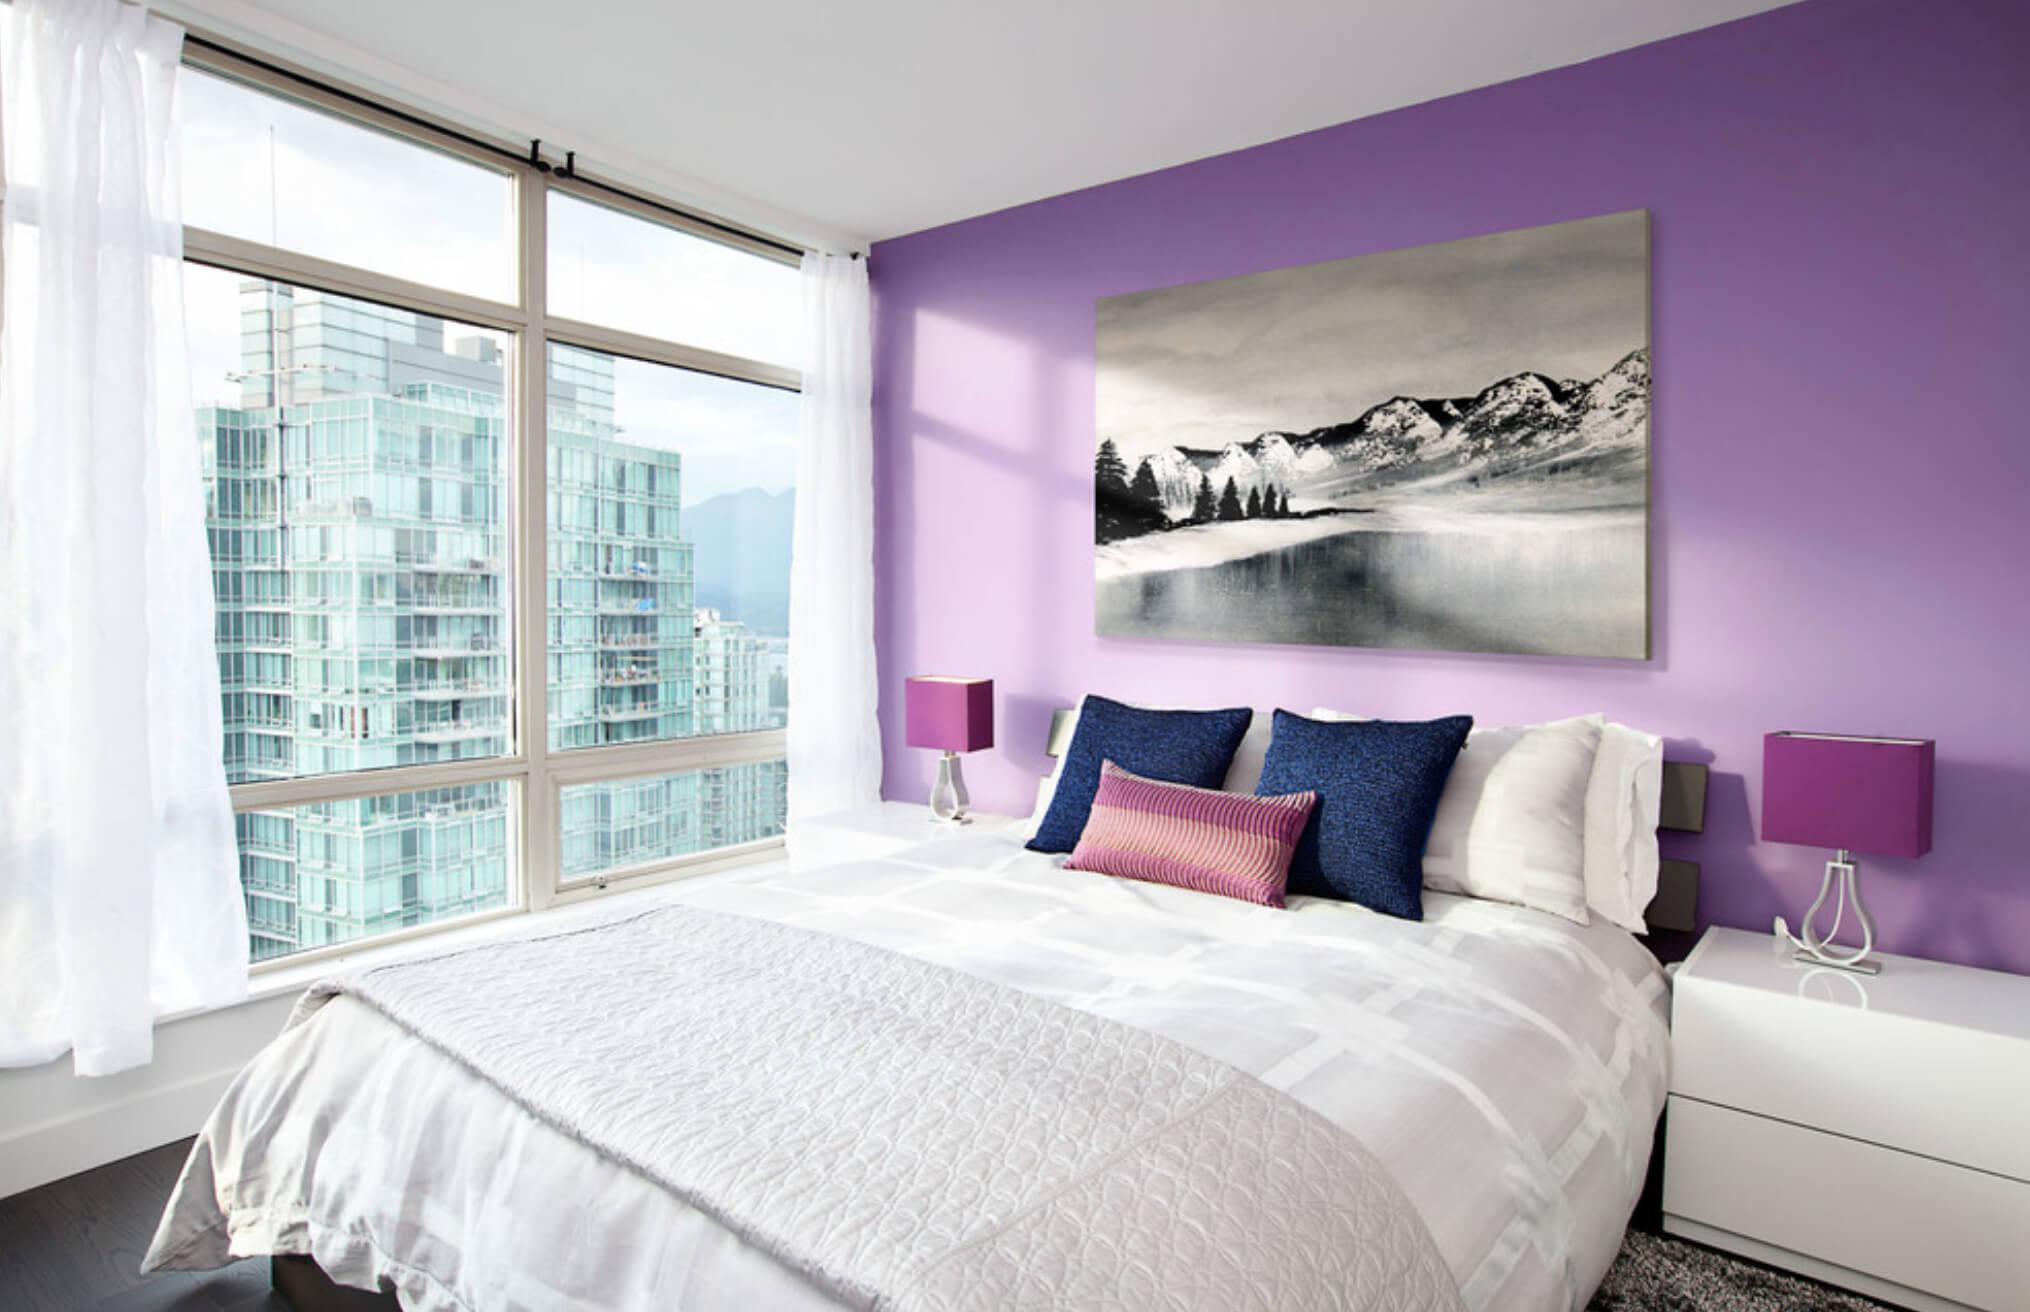 сиреневый цвет стен в спальне фото больших групп